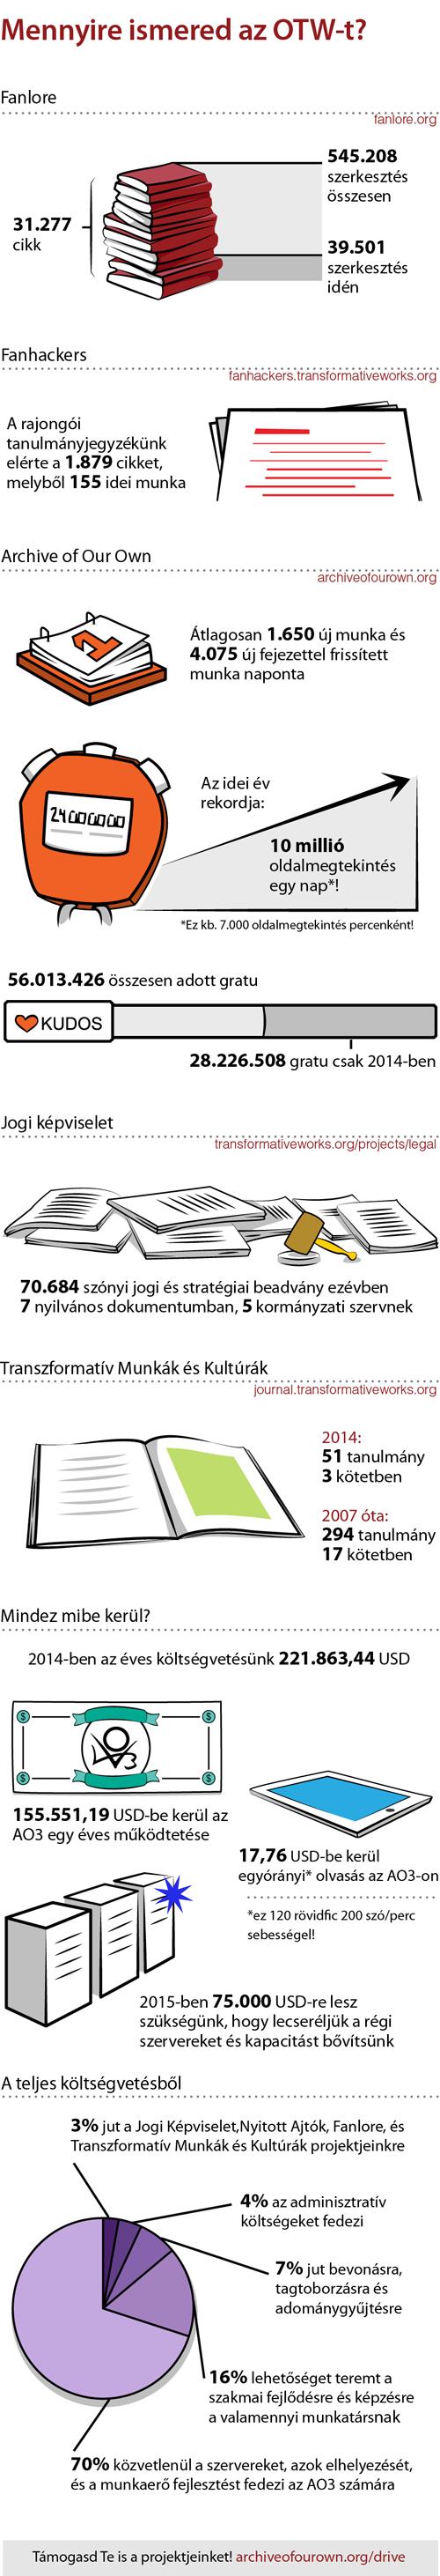 Mennyire ismered az OTW-t?Fanlore31.277 cikk545.208 szerkesztés összesen39.501 szerkesztés idénFanhackersA rajongói tanulmányjegyzékünk elérte a 1.879 cikket, melyből 155 idei munka.A Mi ArchívumunkÁtlagosan 1.650 új munka és 4.075 új fejezettel frissített munka napontaAz idei év rekordja: 10 millió oldalmegtekintés egy nap*!*Ez kb. 7,000 oldalmegtekintés percenként!56.013.426 összesen adott gratu28.226.508 gratu csak 2014-benJogi képviselet70.684 szónyi jogi és stratégiai beadvány ezévben7 nyilvános dokumentumban, 5 kormányzati szervnekTranszformatív Munkák és Kultúrák2014: 51 tanulmány 3 kötetben2007 óta: 294 tanulmány 17 kötetbenMindez mibe kerül?2014-ben az éves költségvetésünk  221.863,44 USD155.551,19 USD-be kerül az AO3 egy éves működtetése17,76 USD-be kerül egyórányi* olvasás az AO3-on*ez 120 rövidfic 200 szó/perc sebességel!2015-ben 75.000 USD-re lesz szükségünk, hogy lecseréljük a régi szervereket és kapacitást bővítsünkA teljes költségvetésből3% jut a Jogi Képviselet,Nyitott Ajtók, Fanlore, ésTranszformatív Munkák és Kultúrák projektjeinkre4% az adminisztratív költségeket fedezi7% jut bevonásra, tagtoborzásra és adománygyűjtésre16% lehetőséget teremt a szakmai fejlődésre és képzésre valamennyi  munkatársnak70% közvetlenül a szervereket, azok elhelyezését, és a munkaerő fejlesztést fedezi az AO3 számáraTámogasd Te is a projektjeinket! http://archiveofourown.org/drive